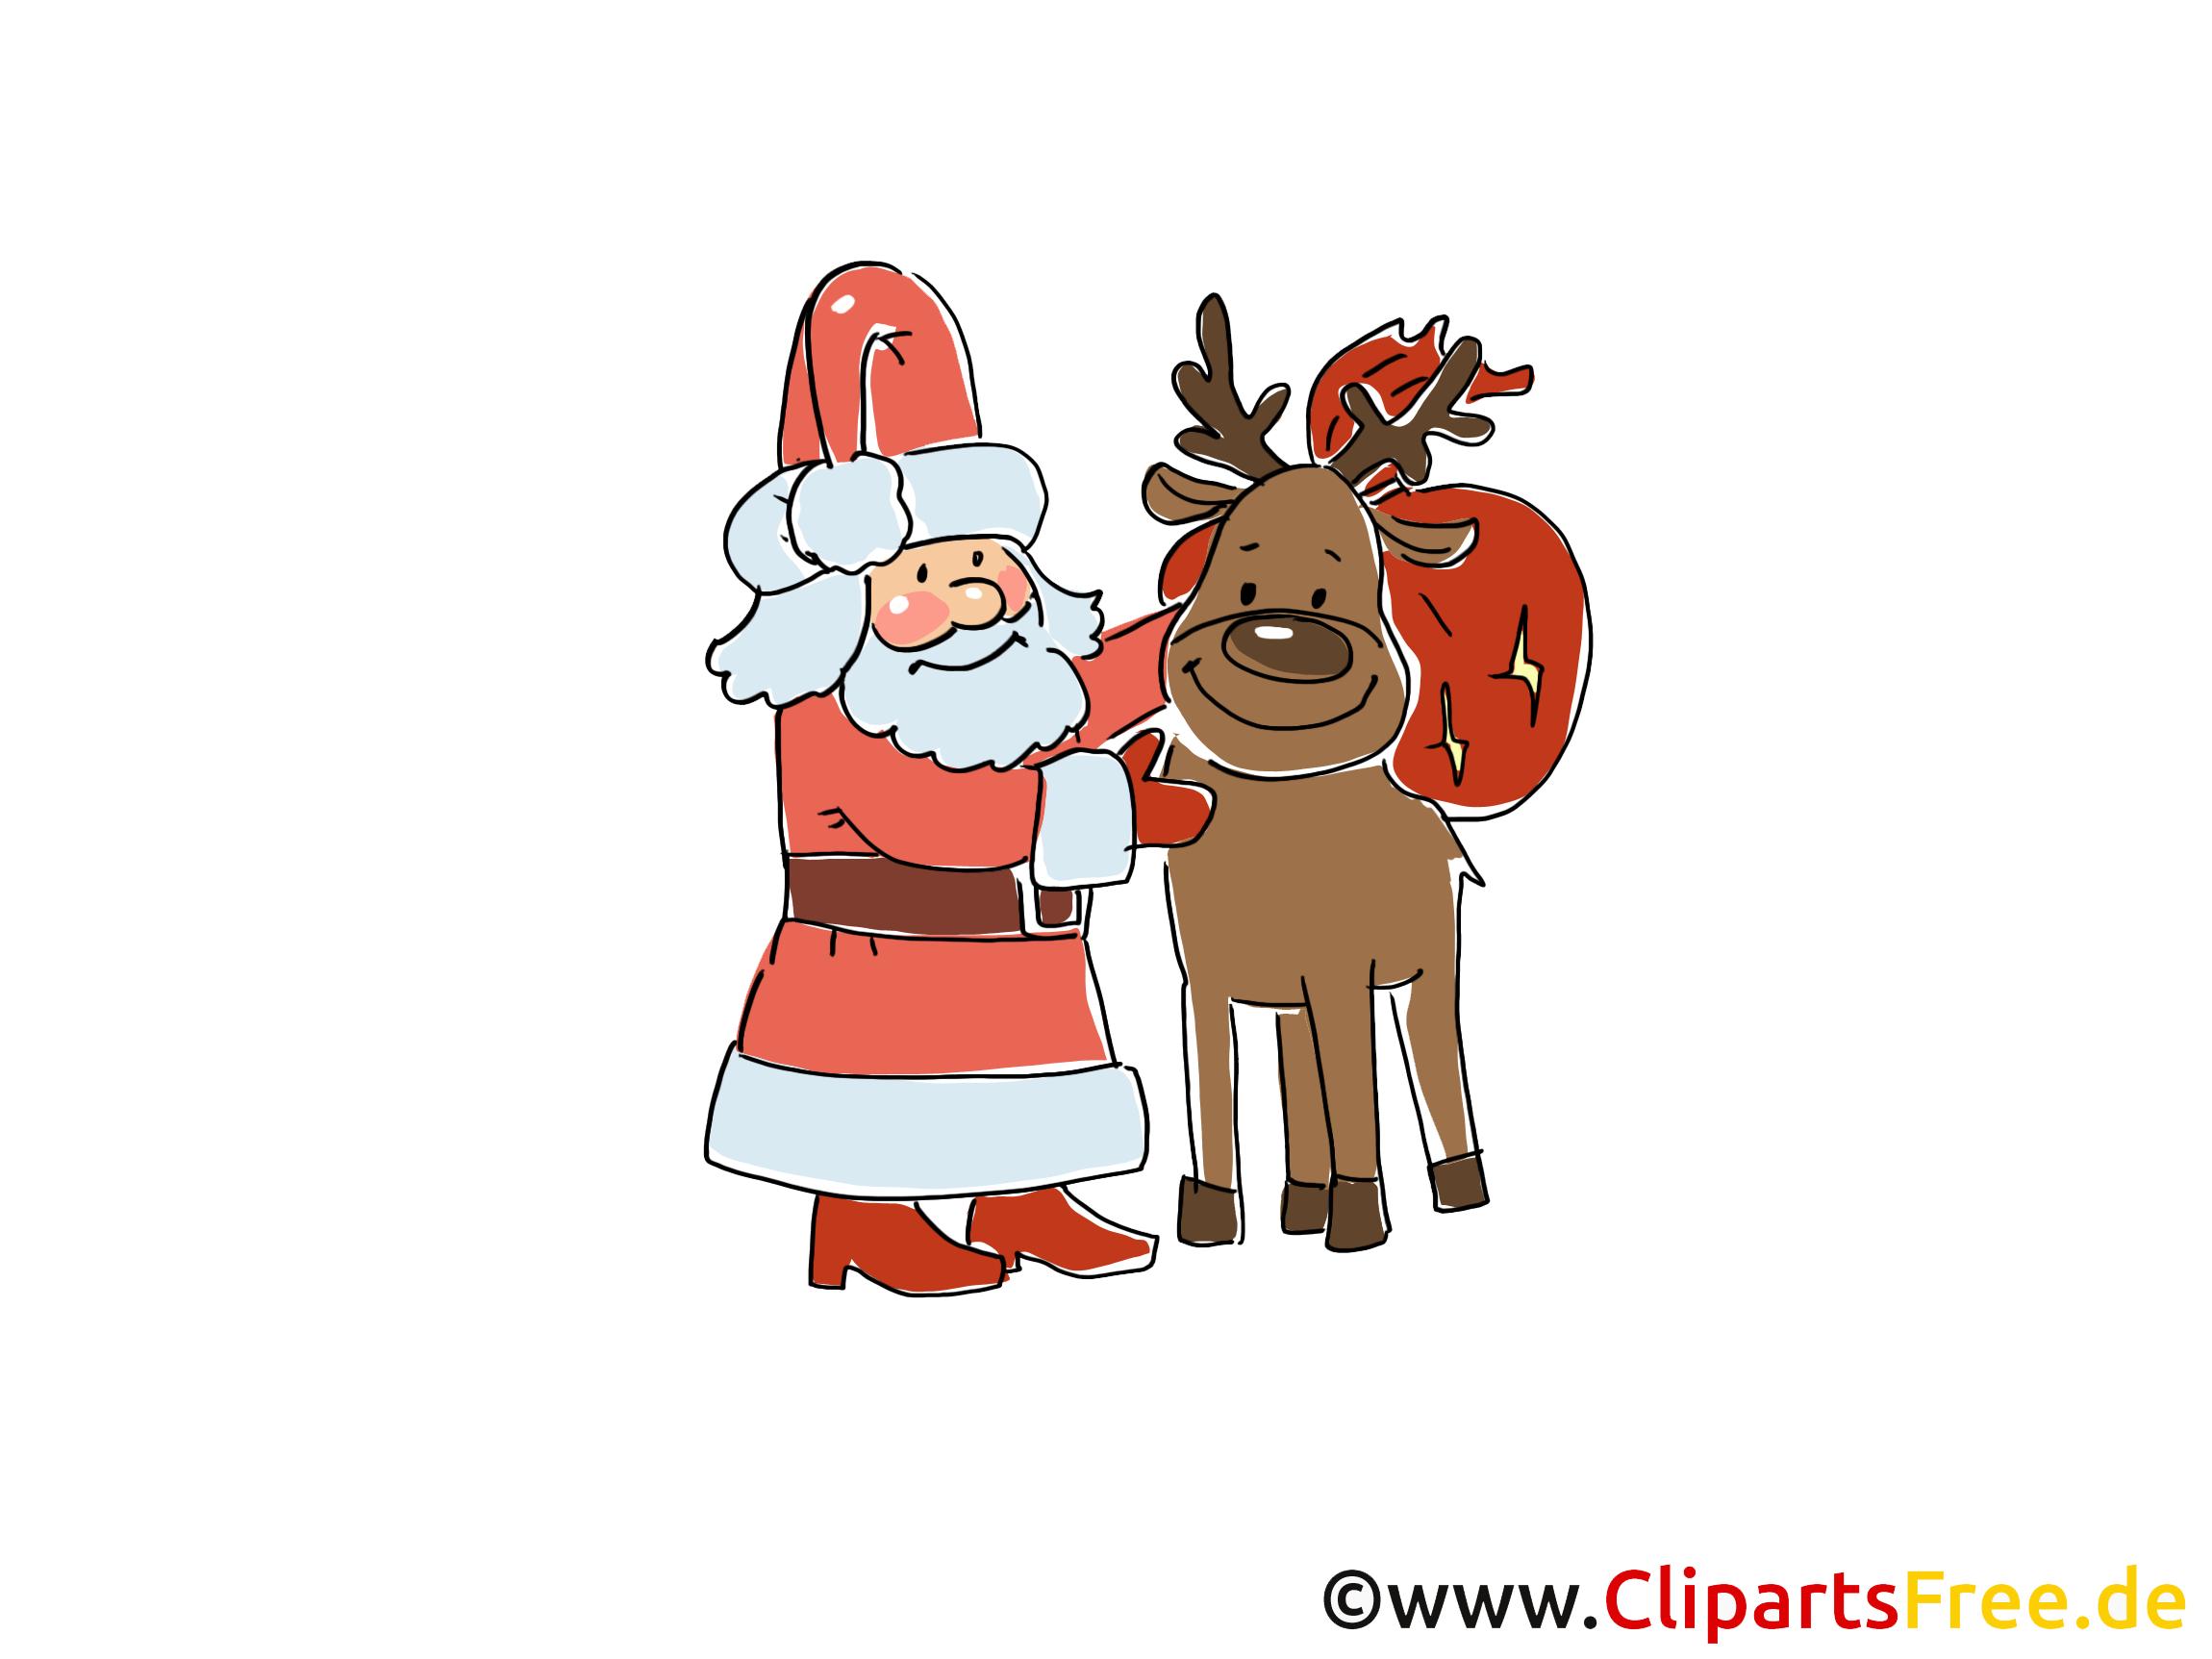 Weihnachtsbilder Kostenlos Runterladen innen Kostenlos Weihnachtsbilder Runterladen